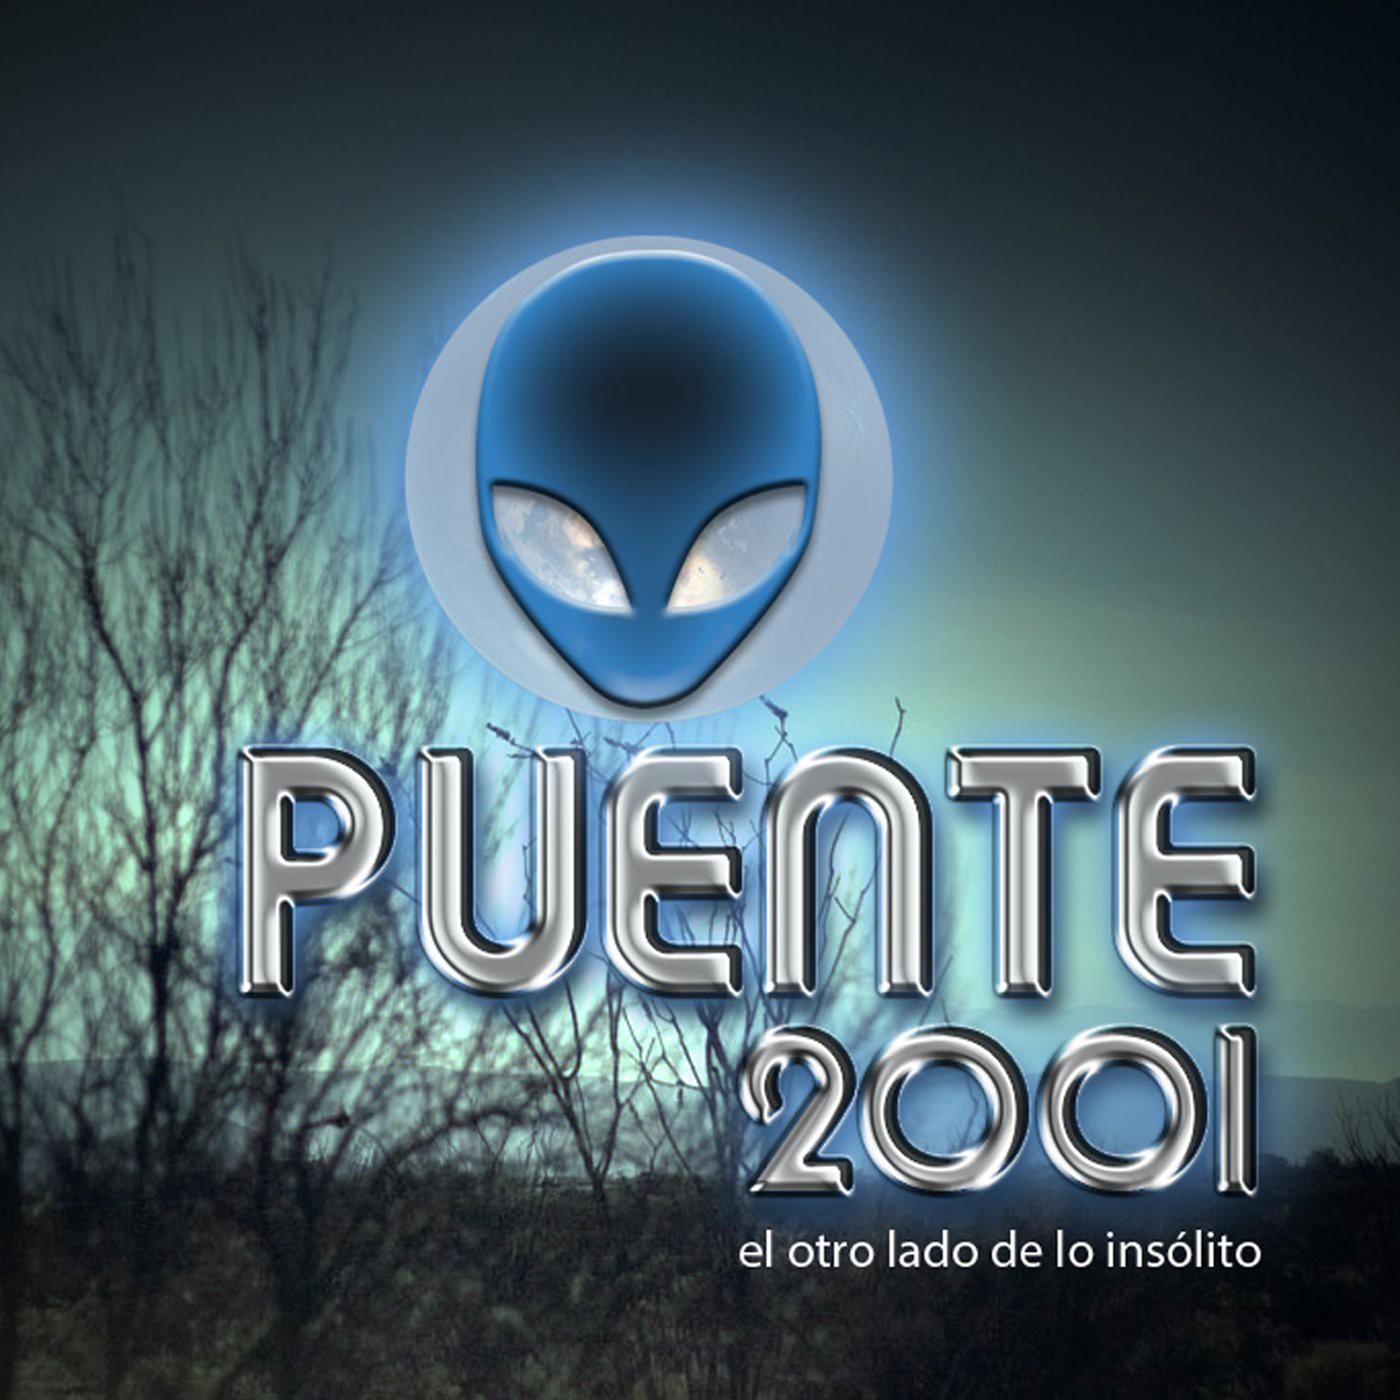 <![CDATA[Podcast Puente 2001 (el otro lado de lo insólito)]]>